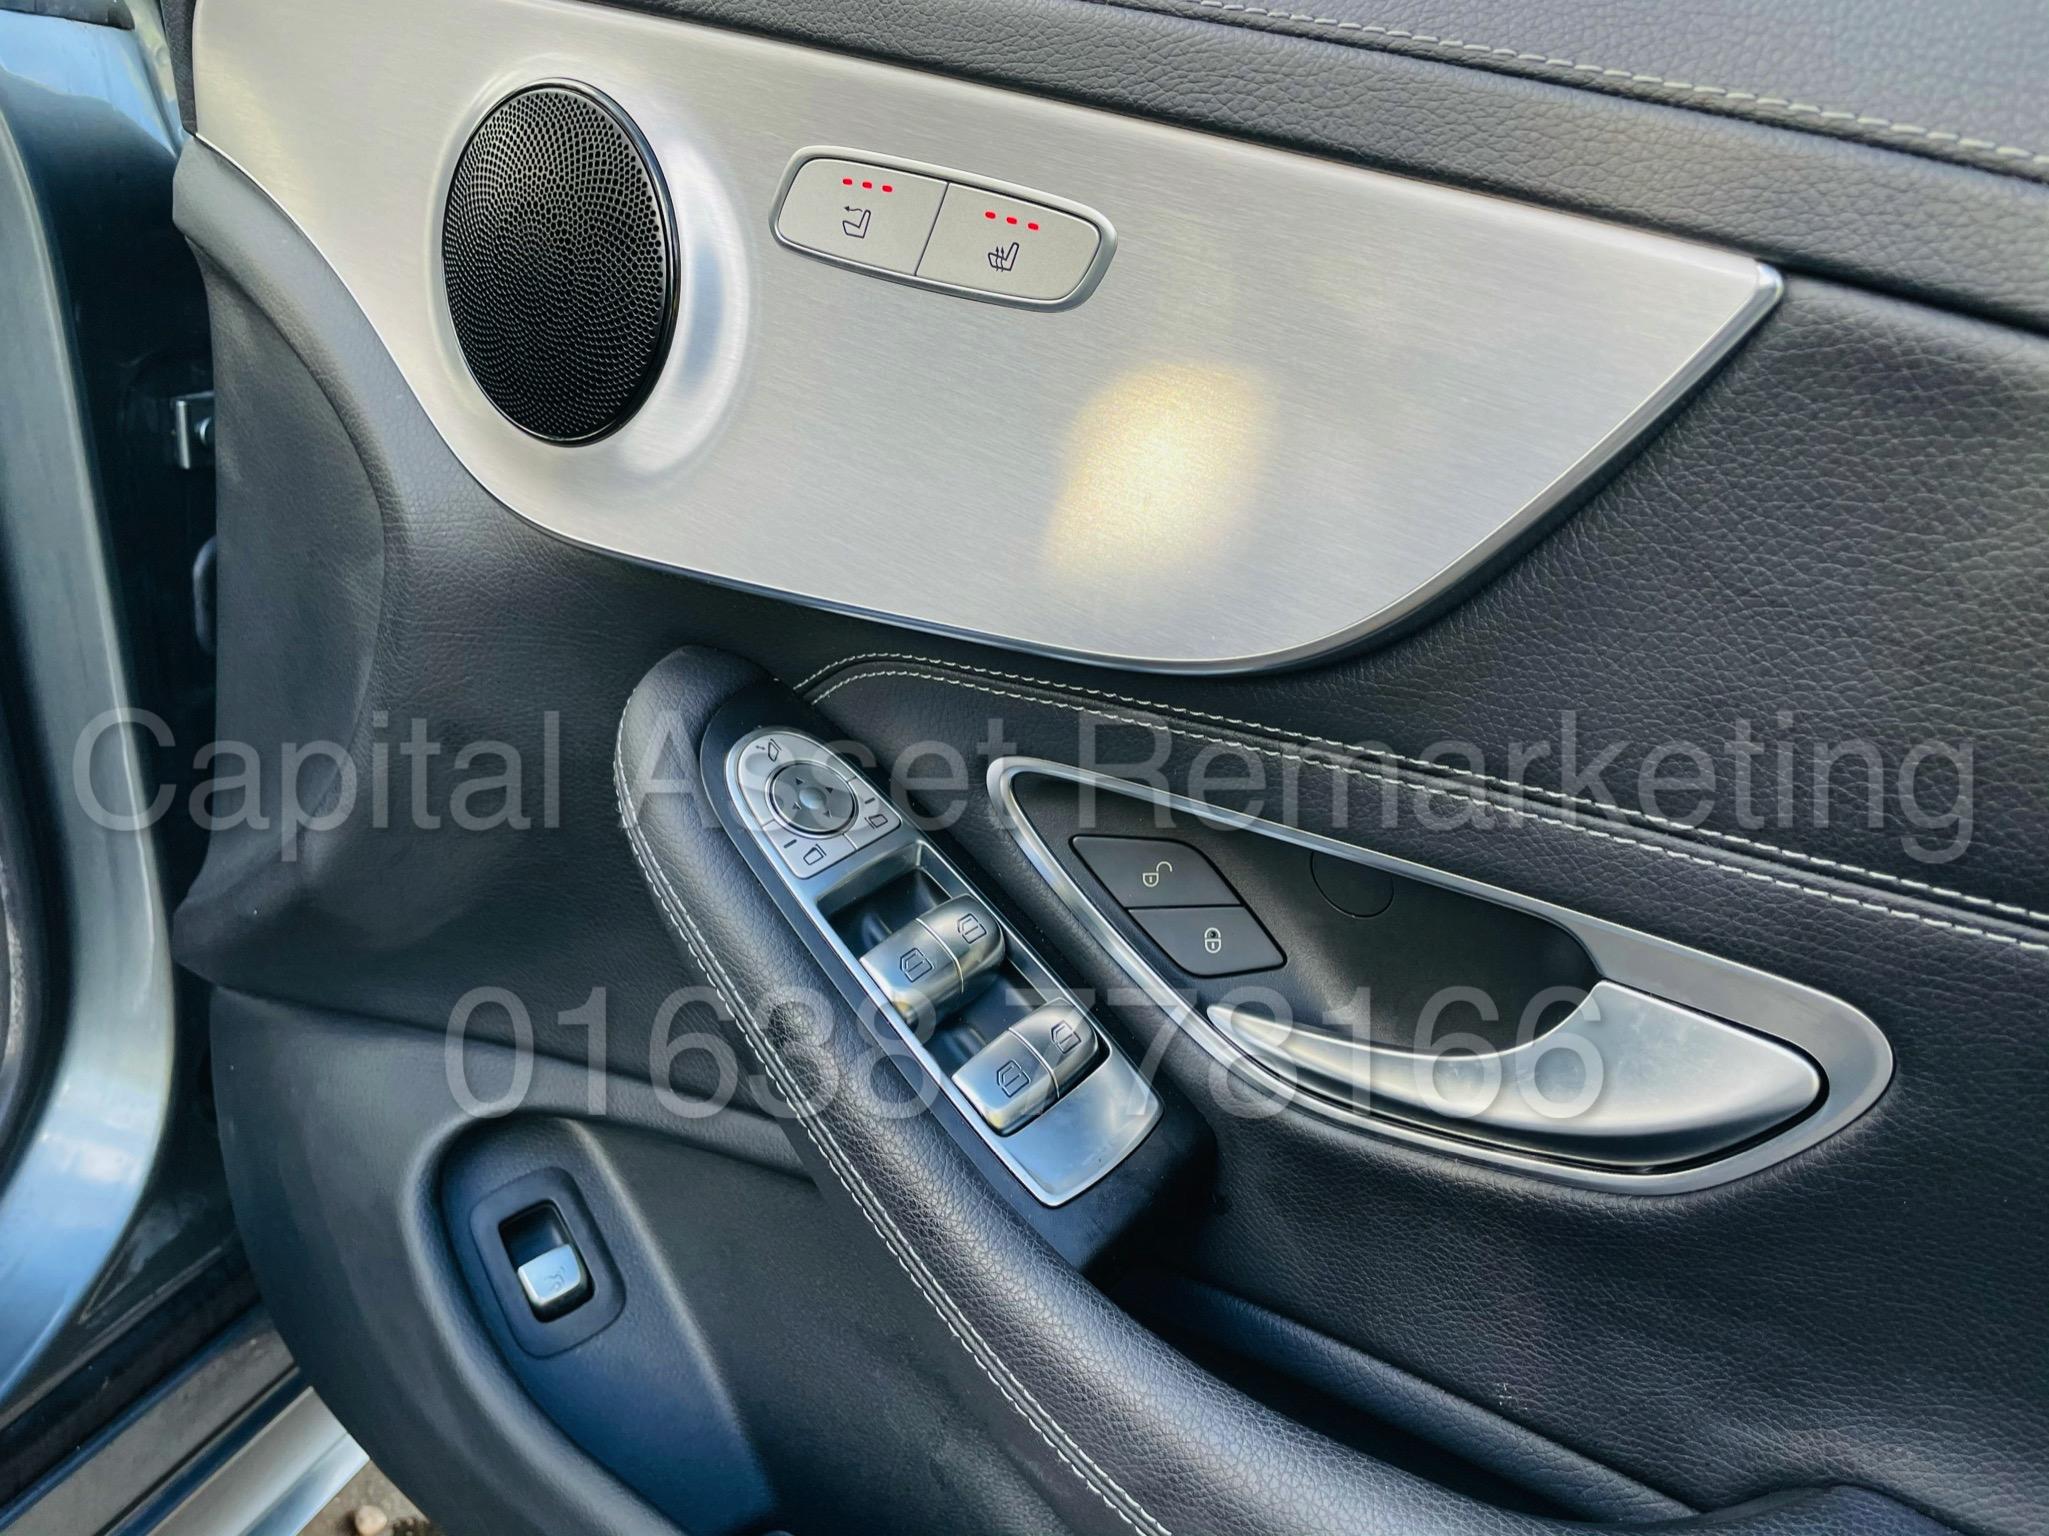 (On Sale) MERCEDES-BENZ C220D *AMG LINE -CABRIOLET* (2019) '9G AUTO - LEATHER - SAT NAV' *HUGE SPEC* - Image 27 of 43